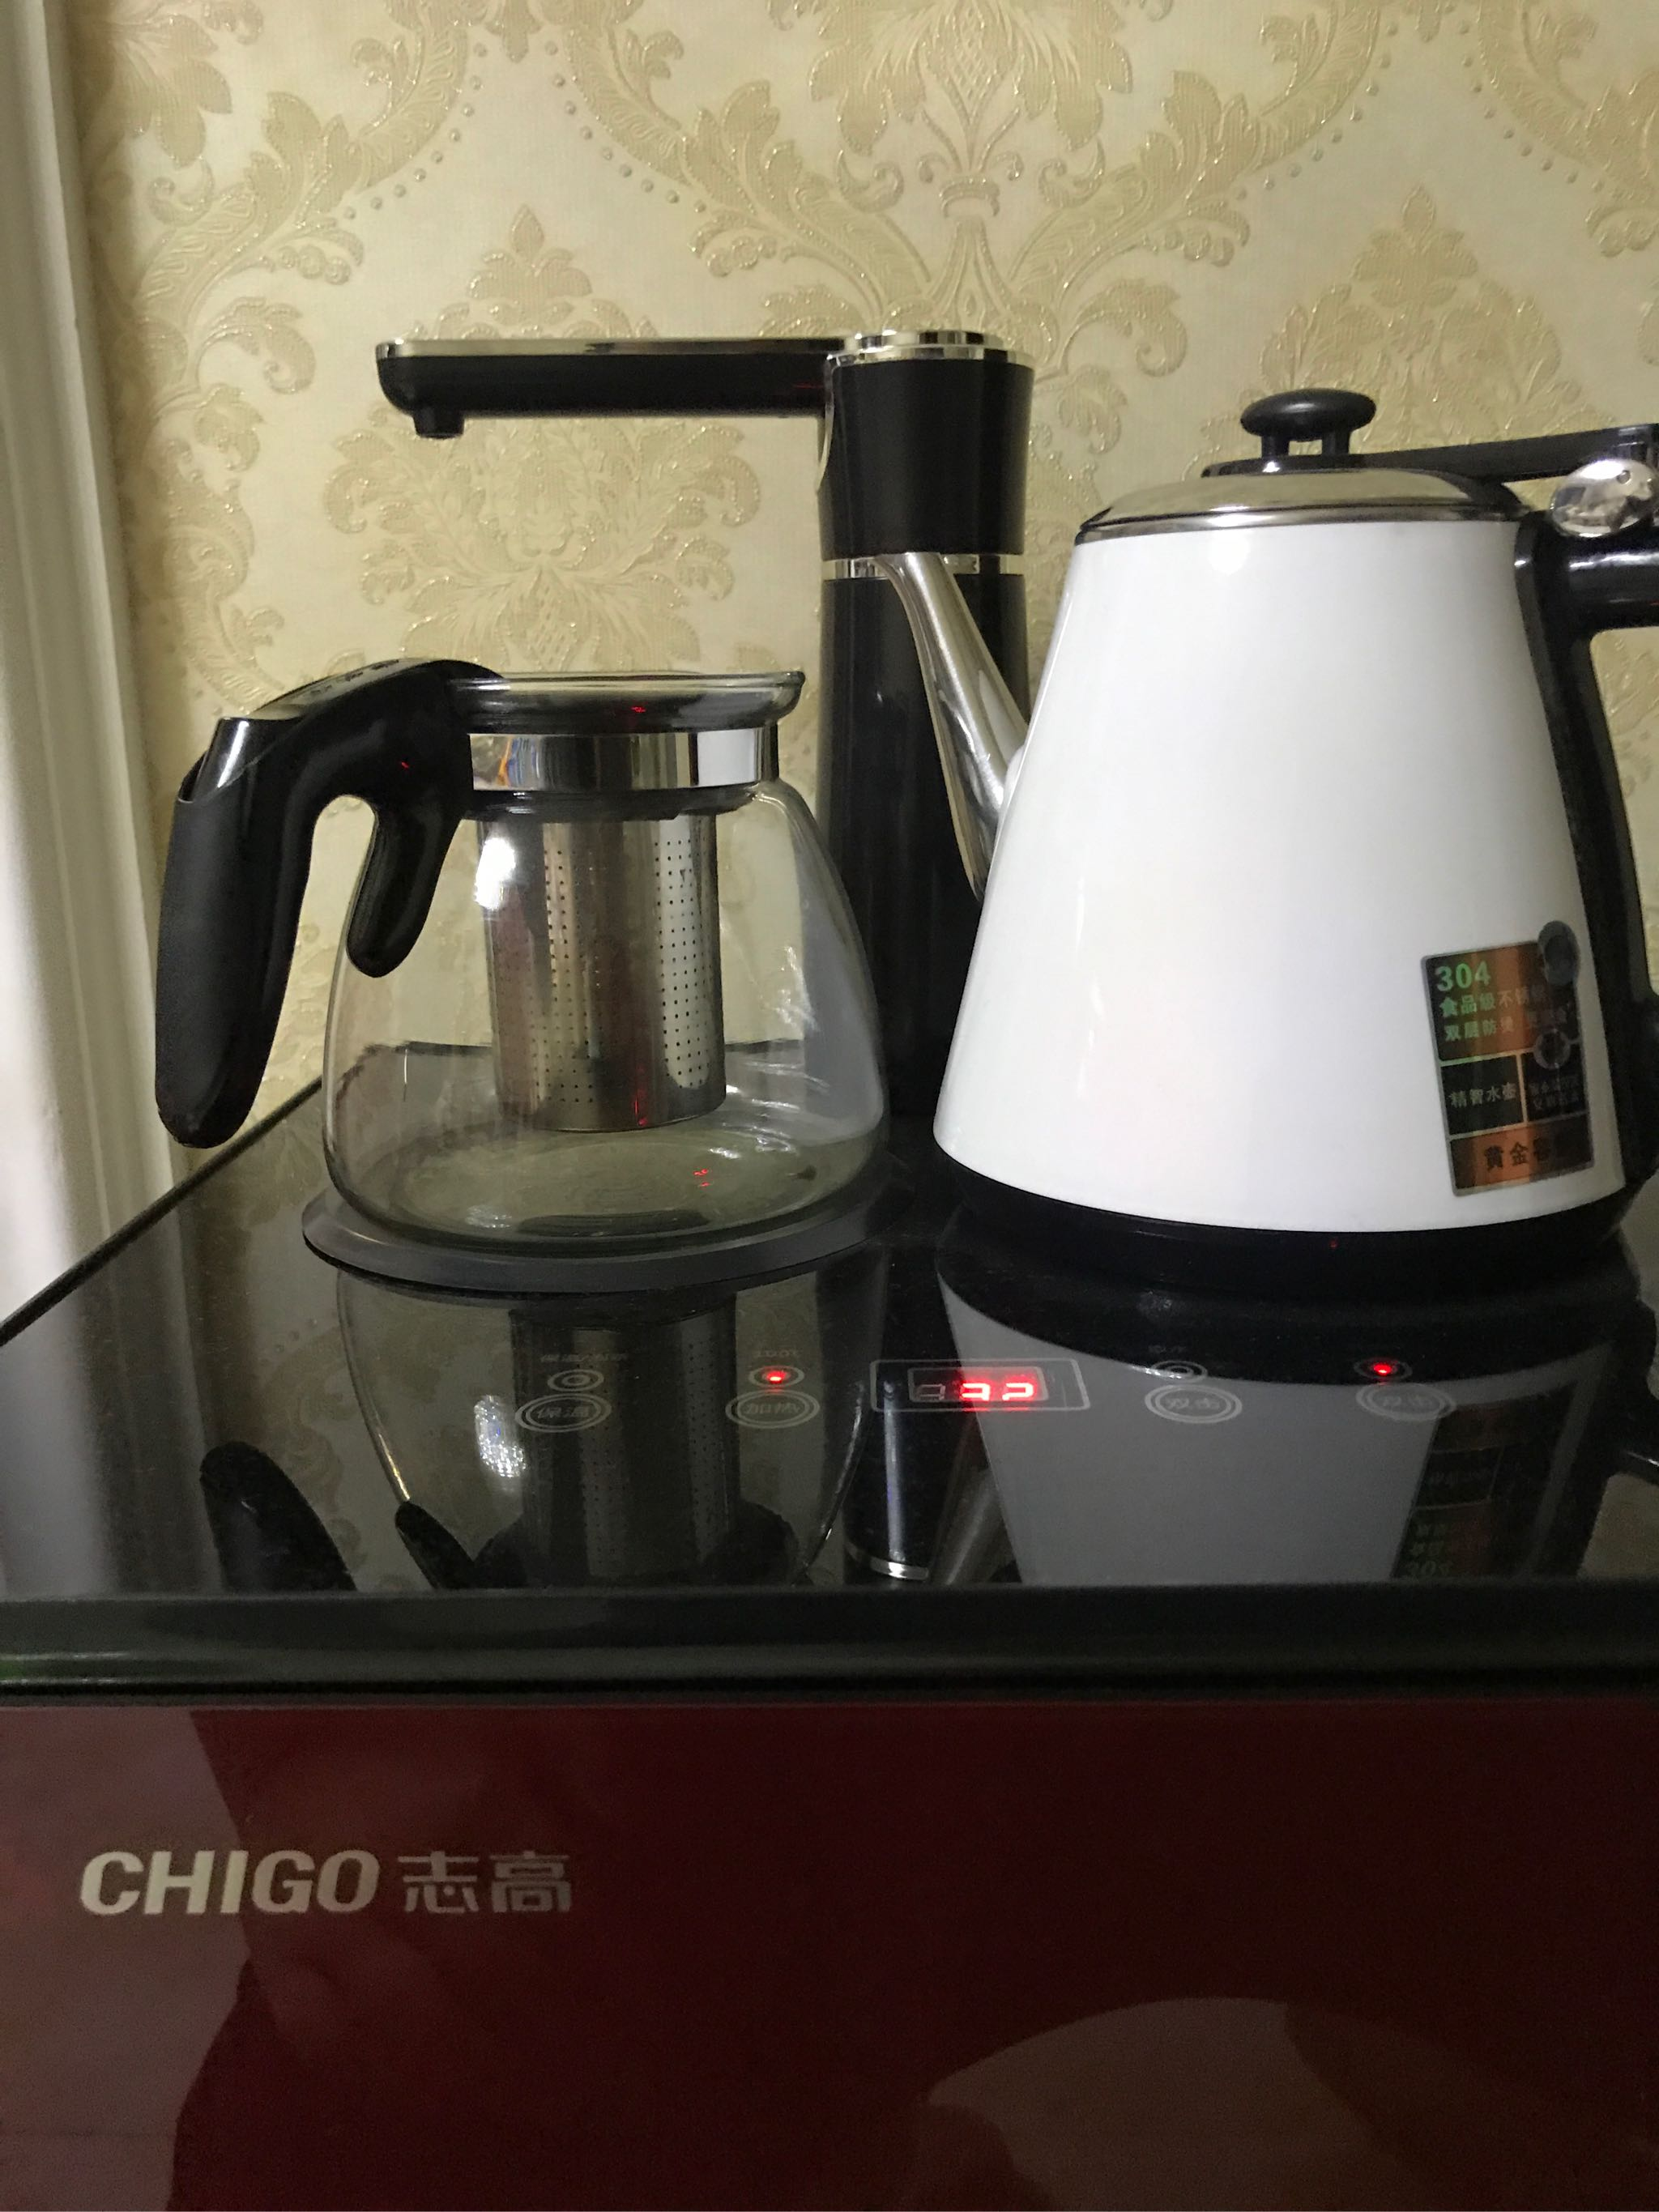 志高茶吧机